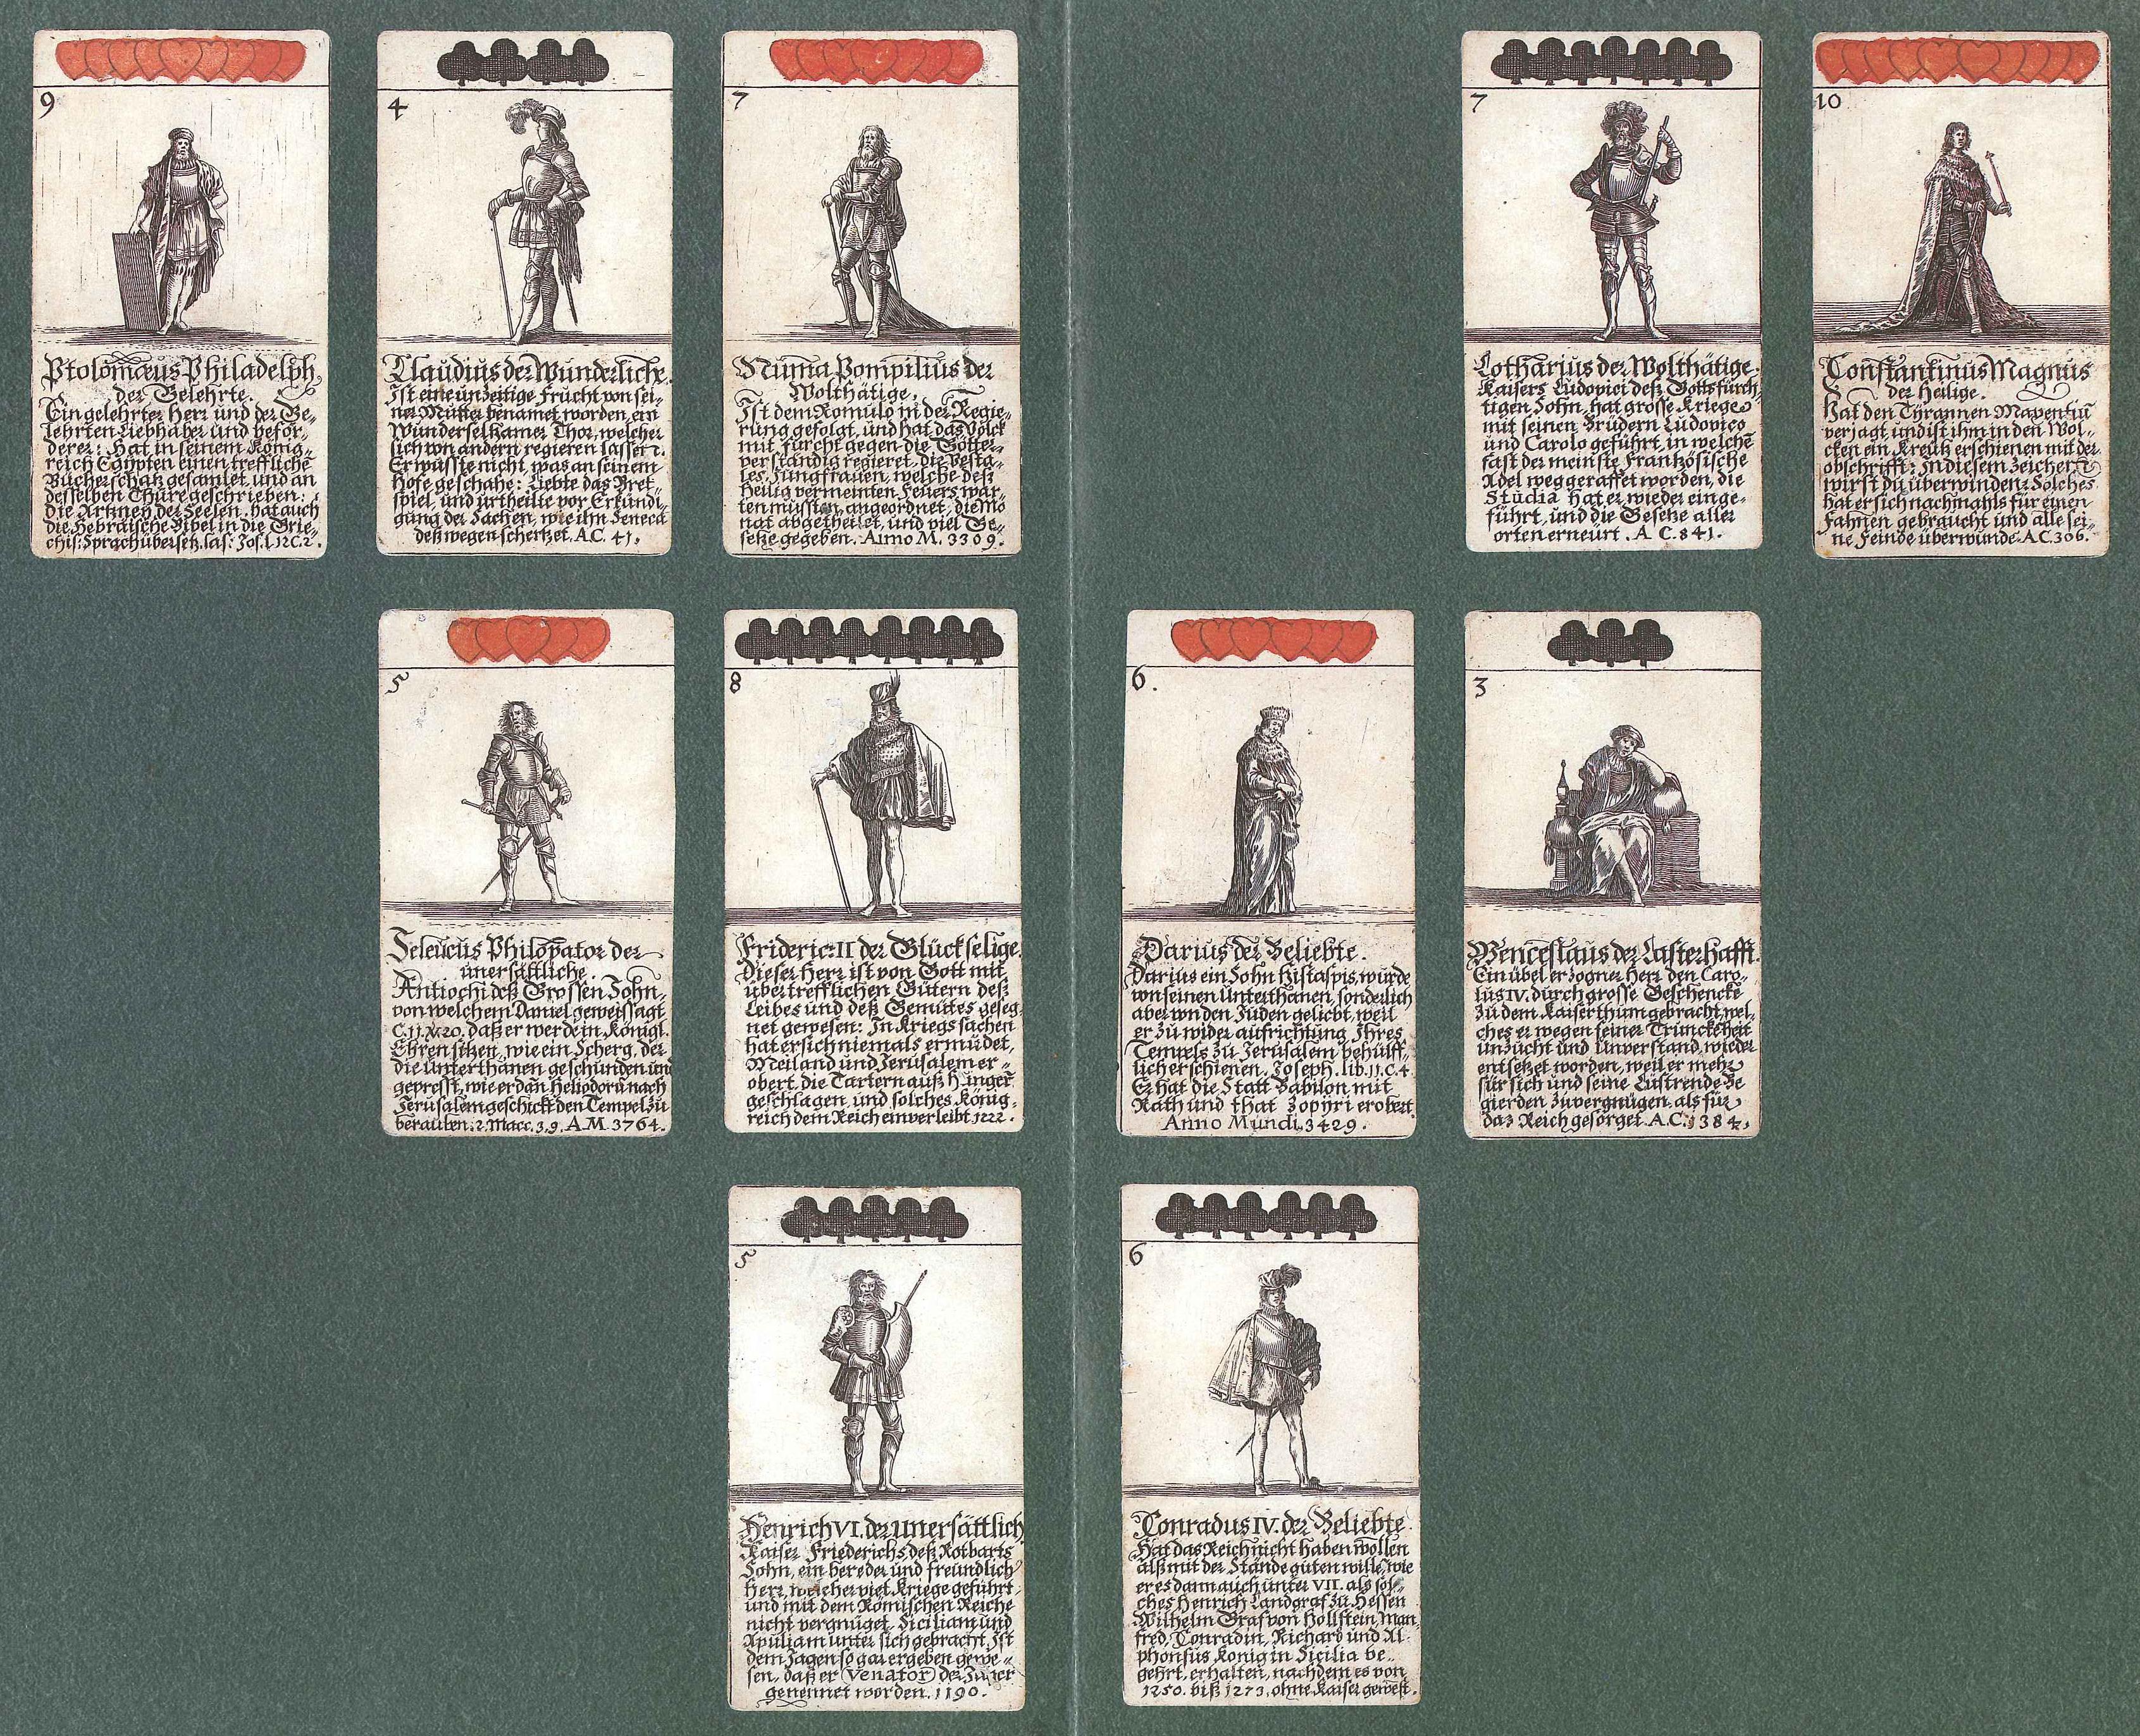 картинки карты игральные карты